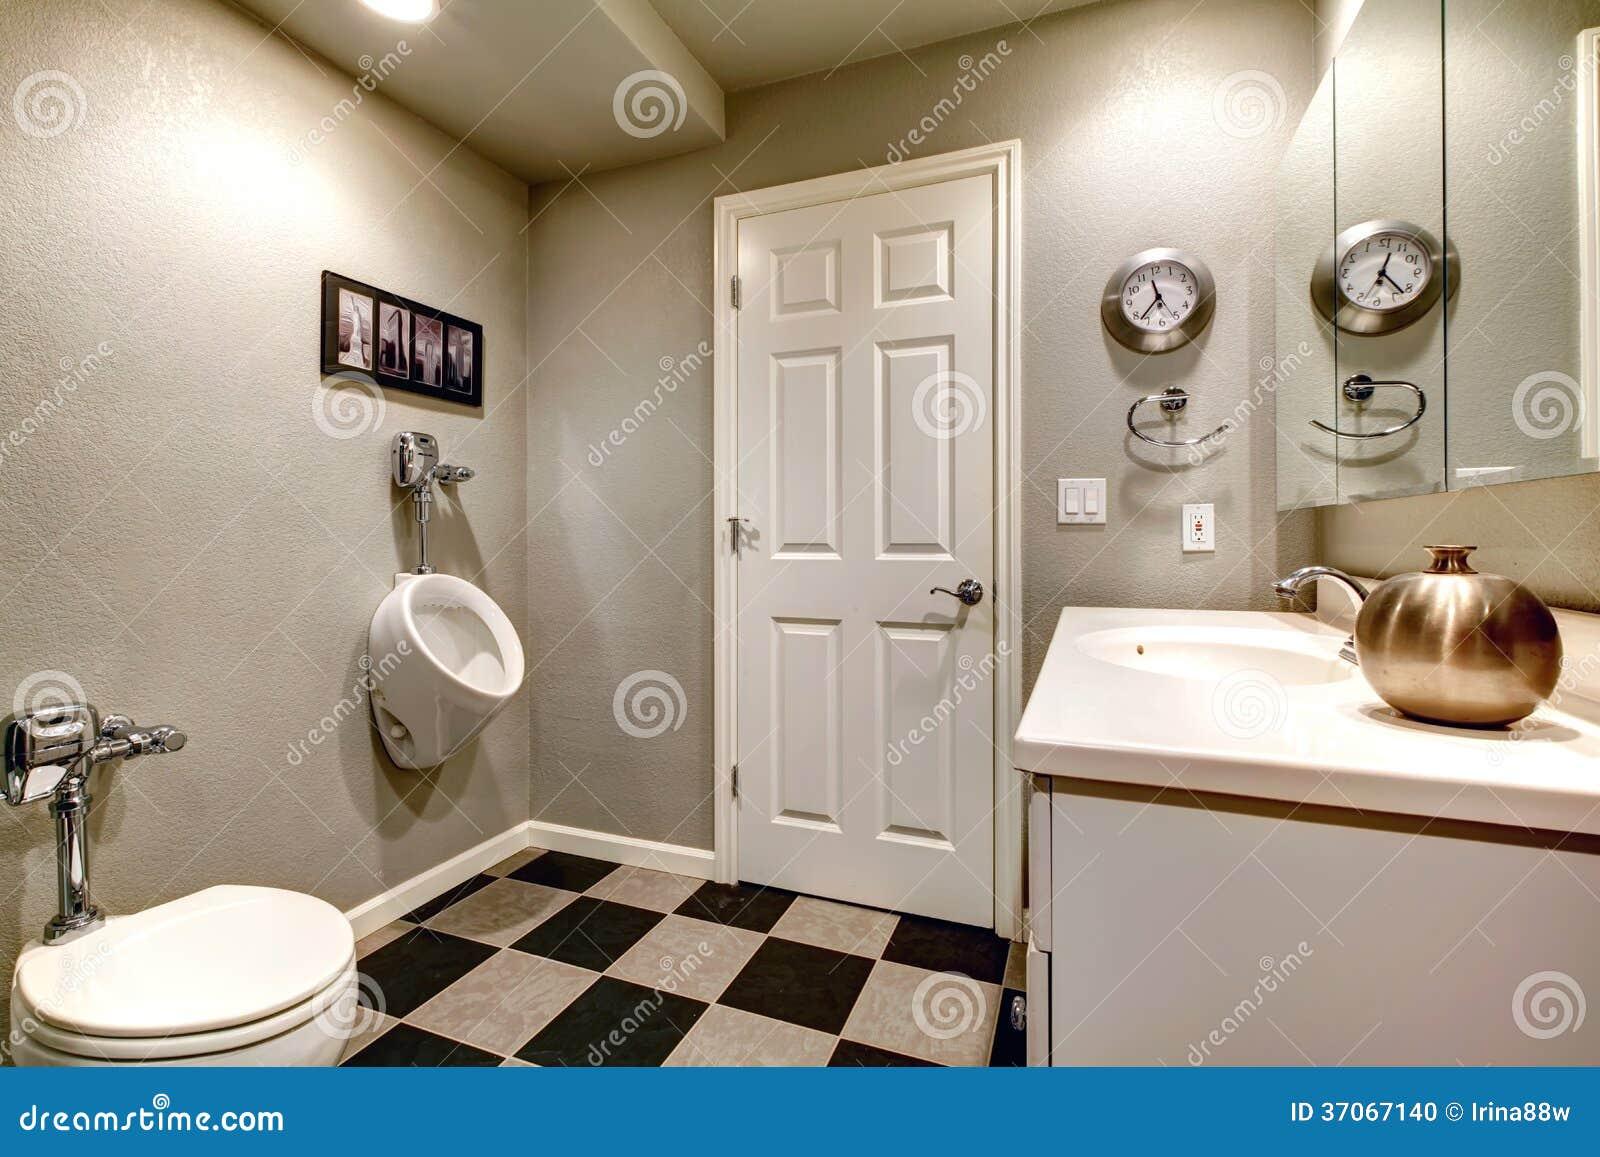 Salle de bains blanche avec la toilette et l 39 urinoir photo - Salle de bain blanche et beige ...